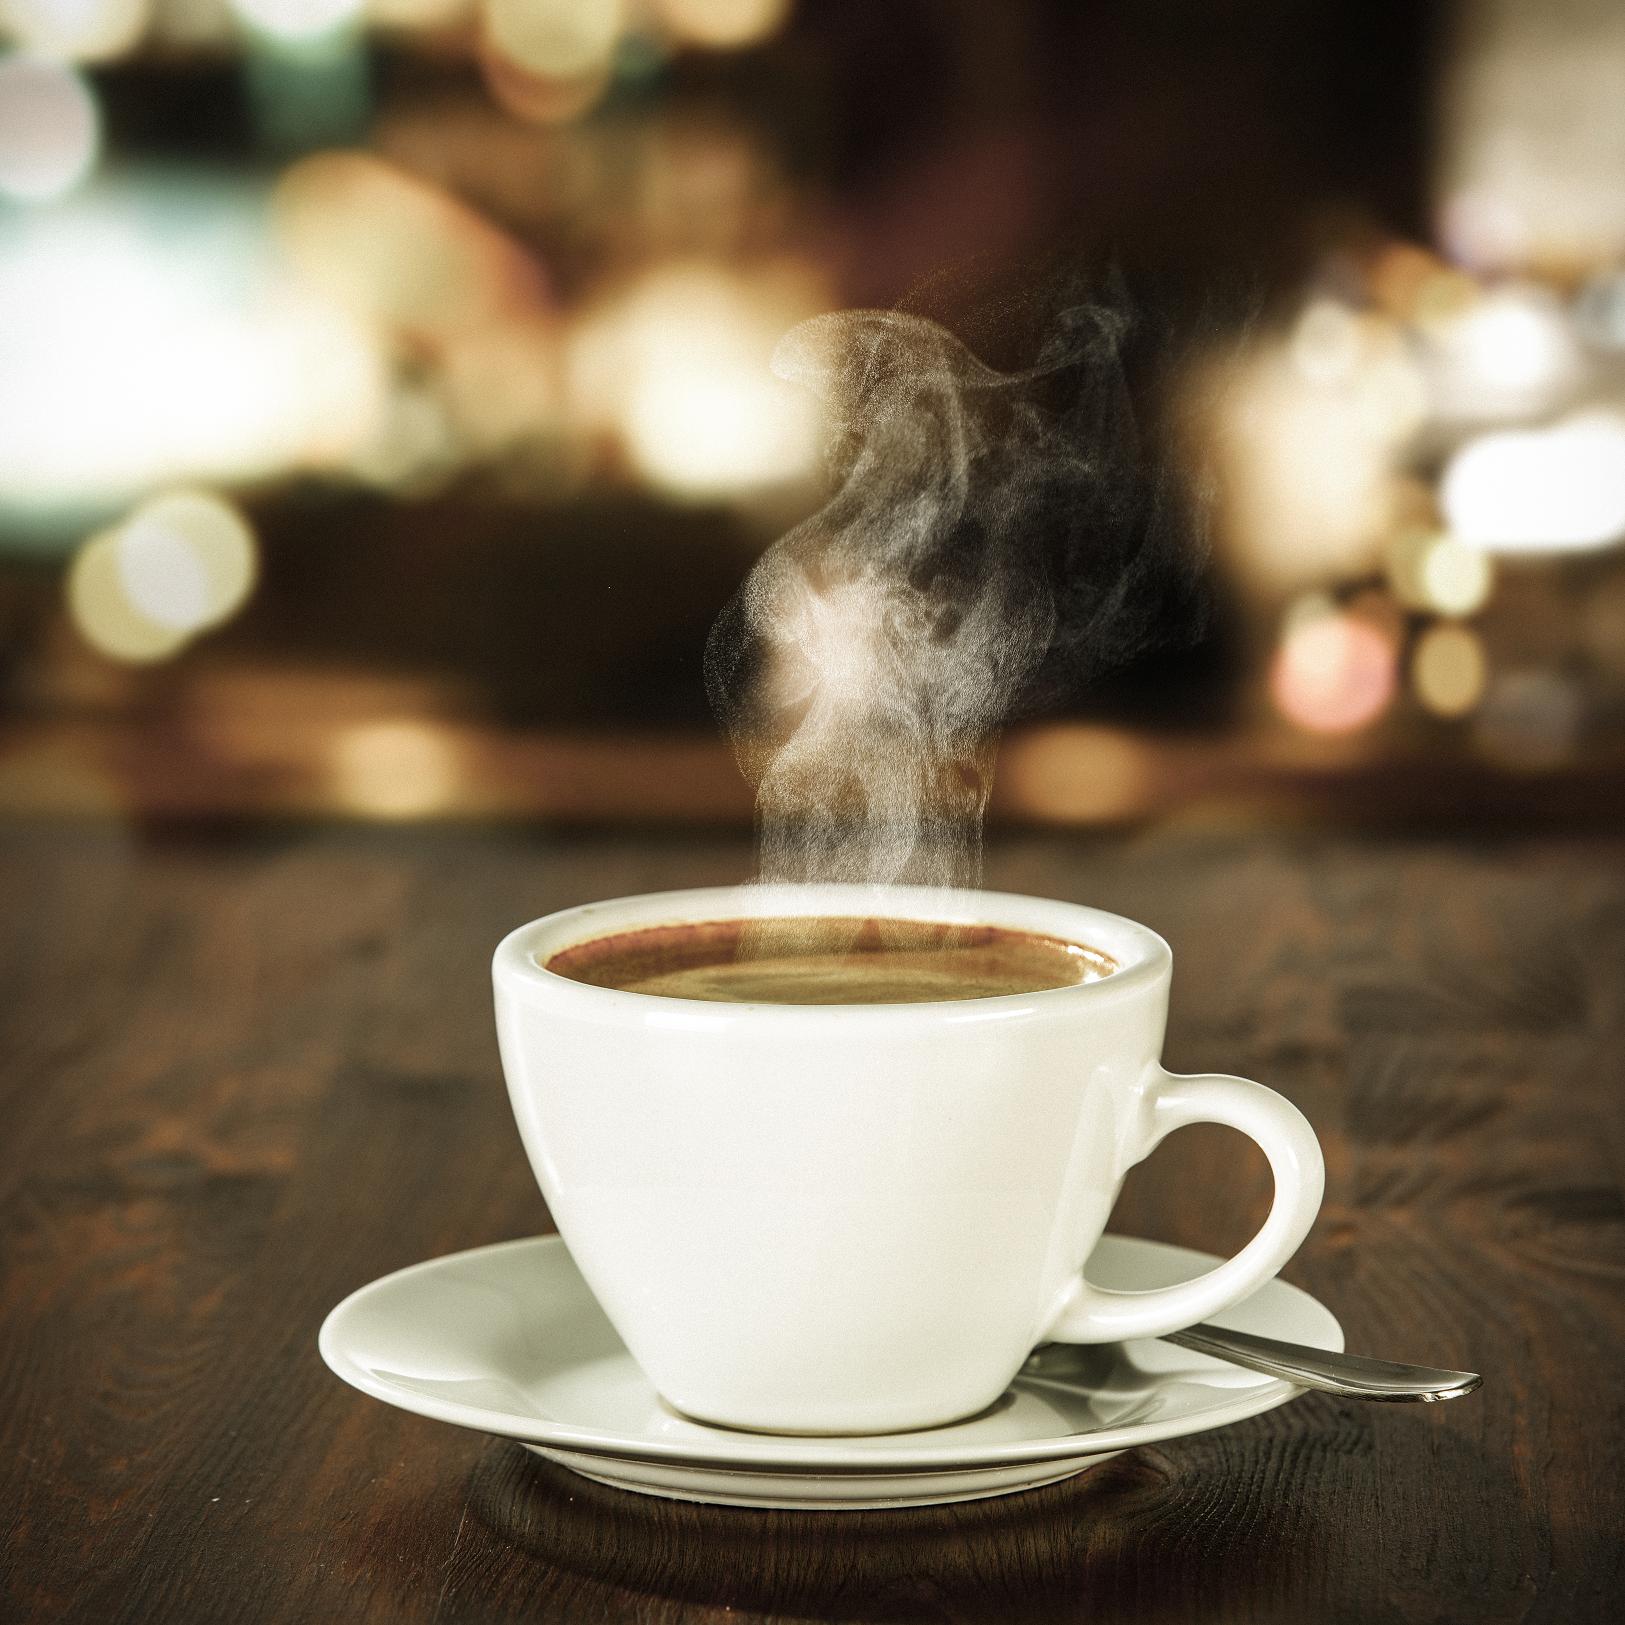 Get A Small Espresso For Free